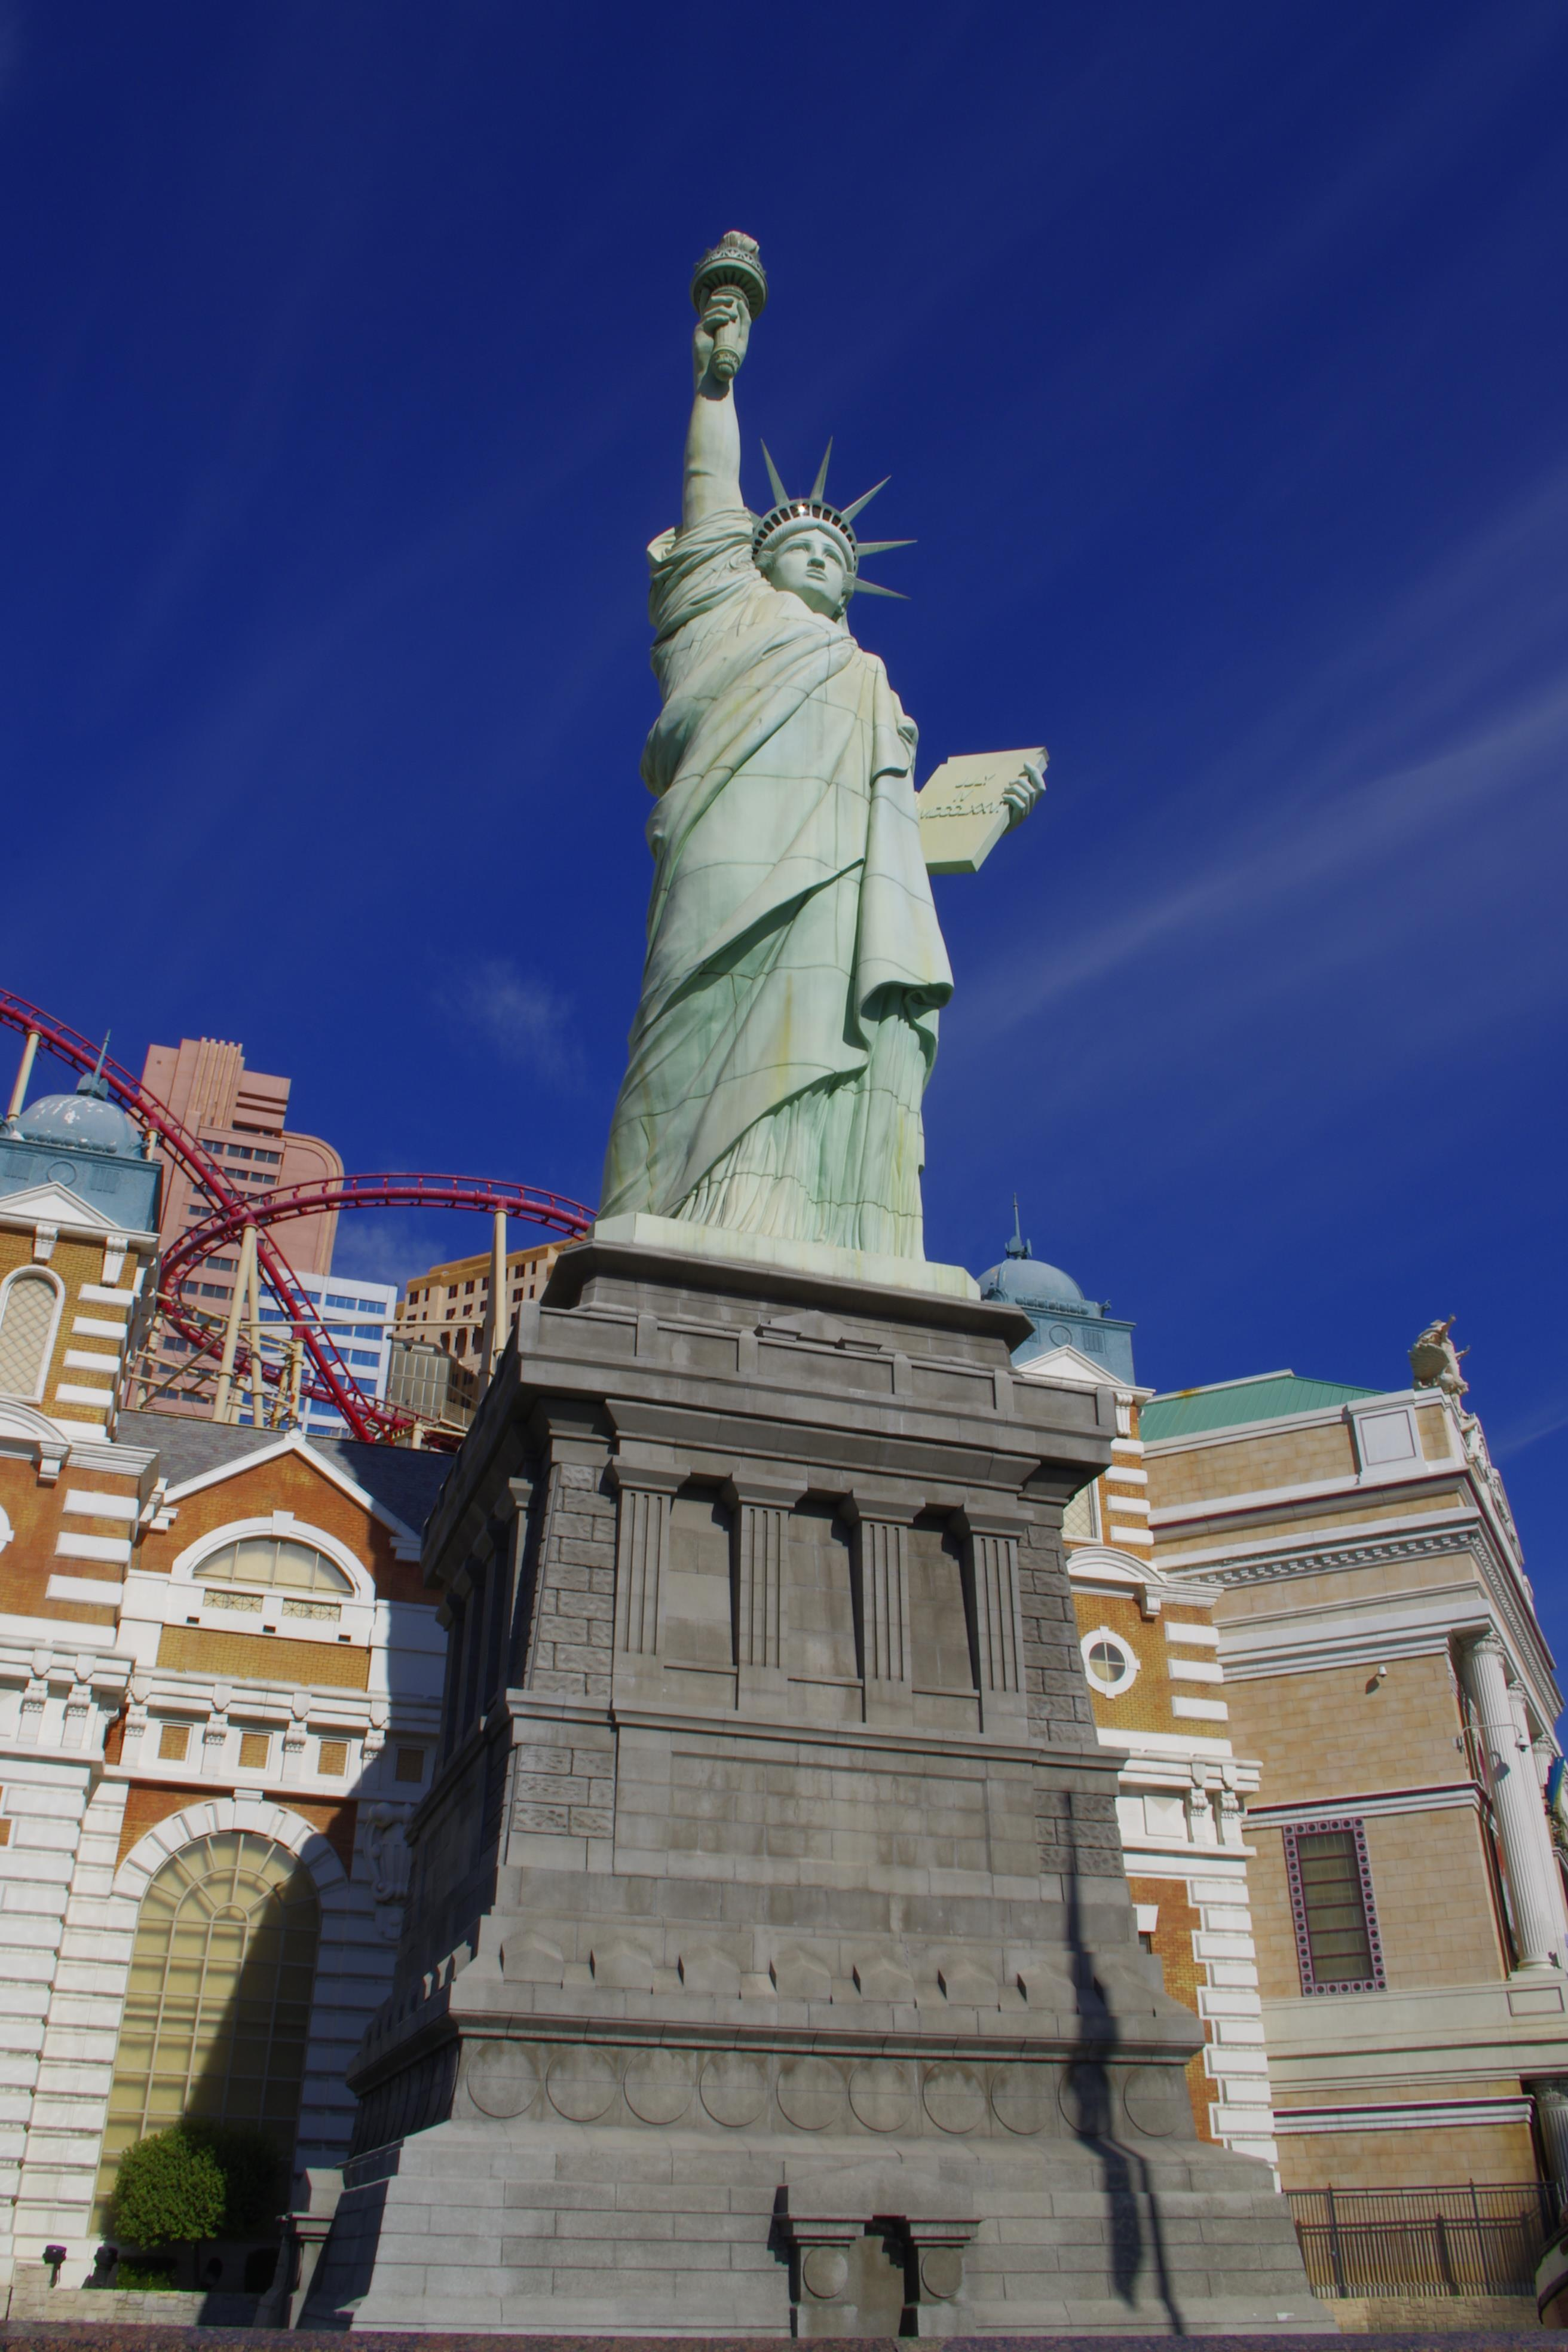 拉斯维加斯自由女神旅游景点攻略图